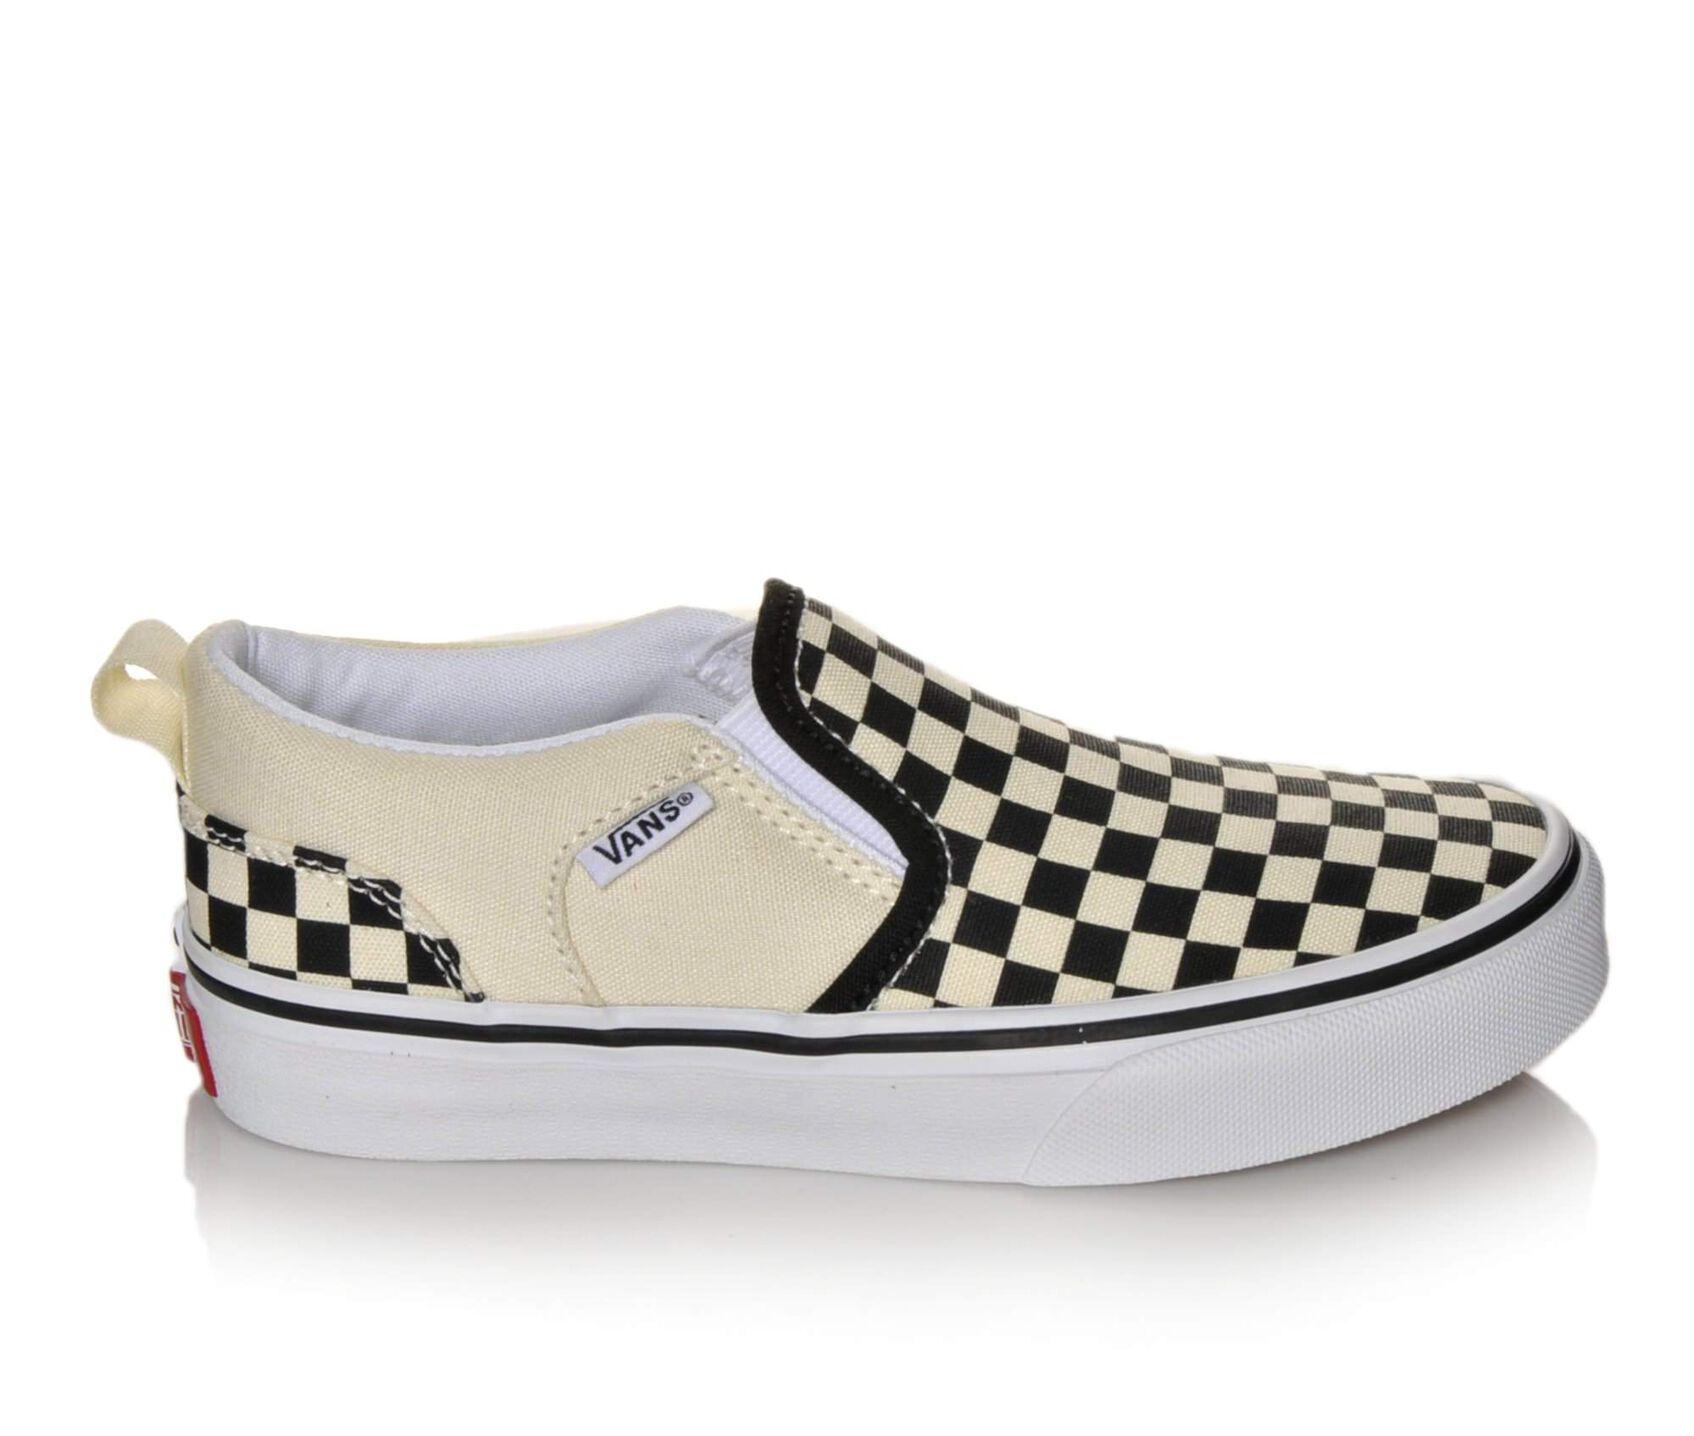 e420ca9f4b64 Boys  Vans Little Kid   Big Kid Asher Slip-On Skate Shoes